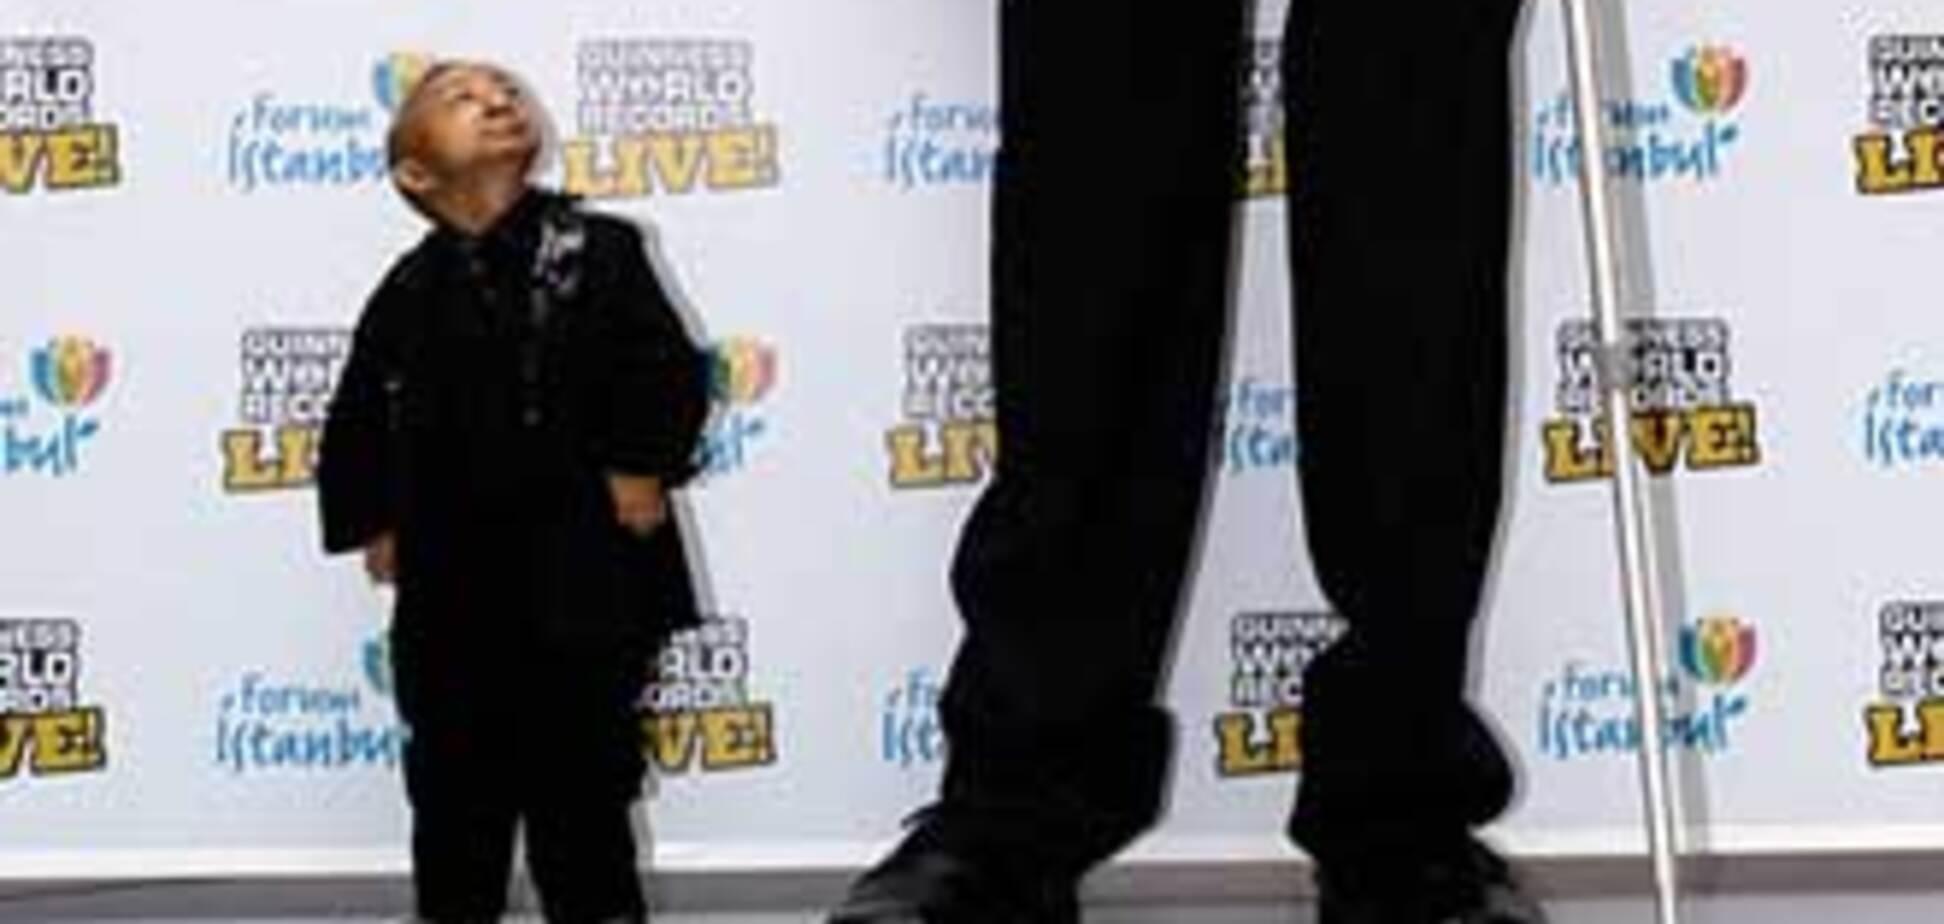 Непалець офіційно визнано найменшою людиною в світі